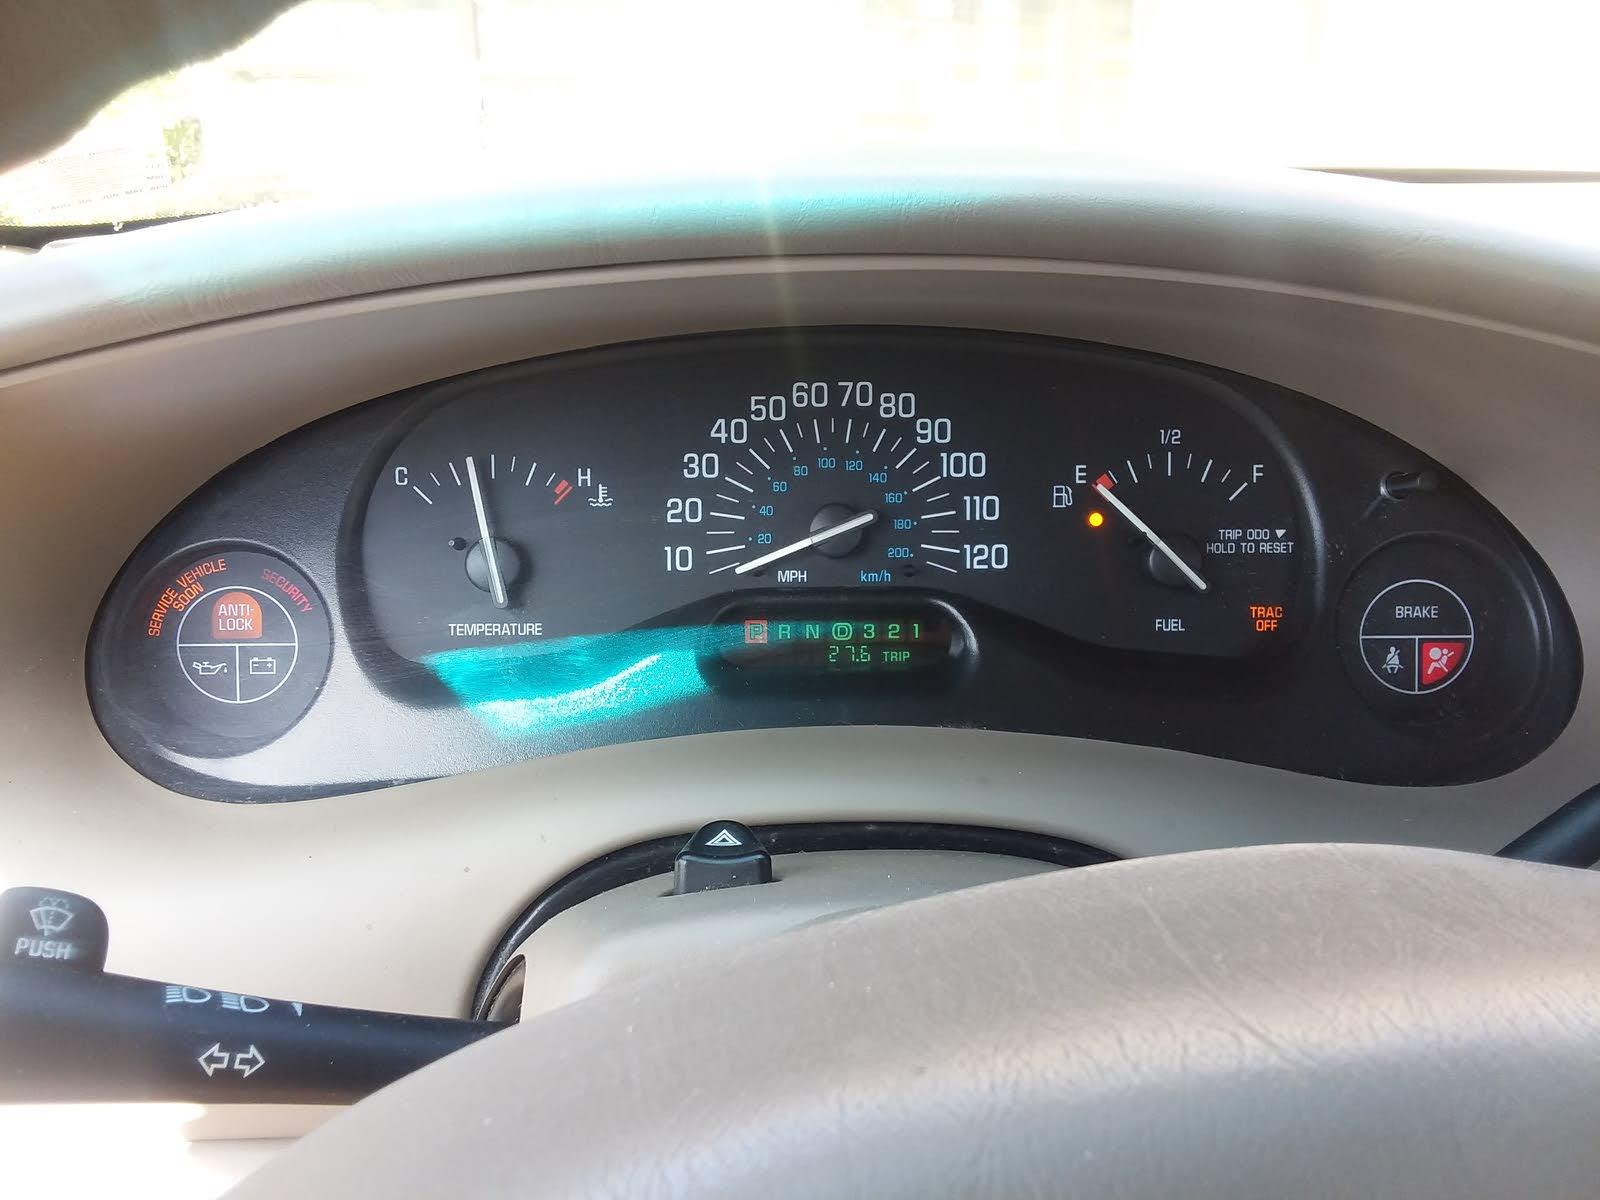 2001 Buick Century Instrument Cluster Repair